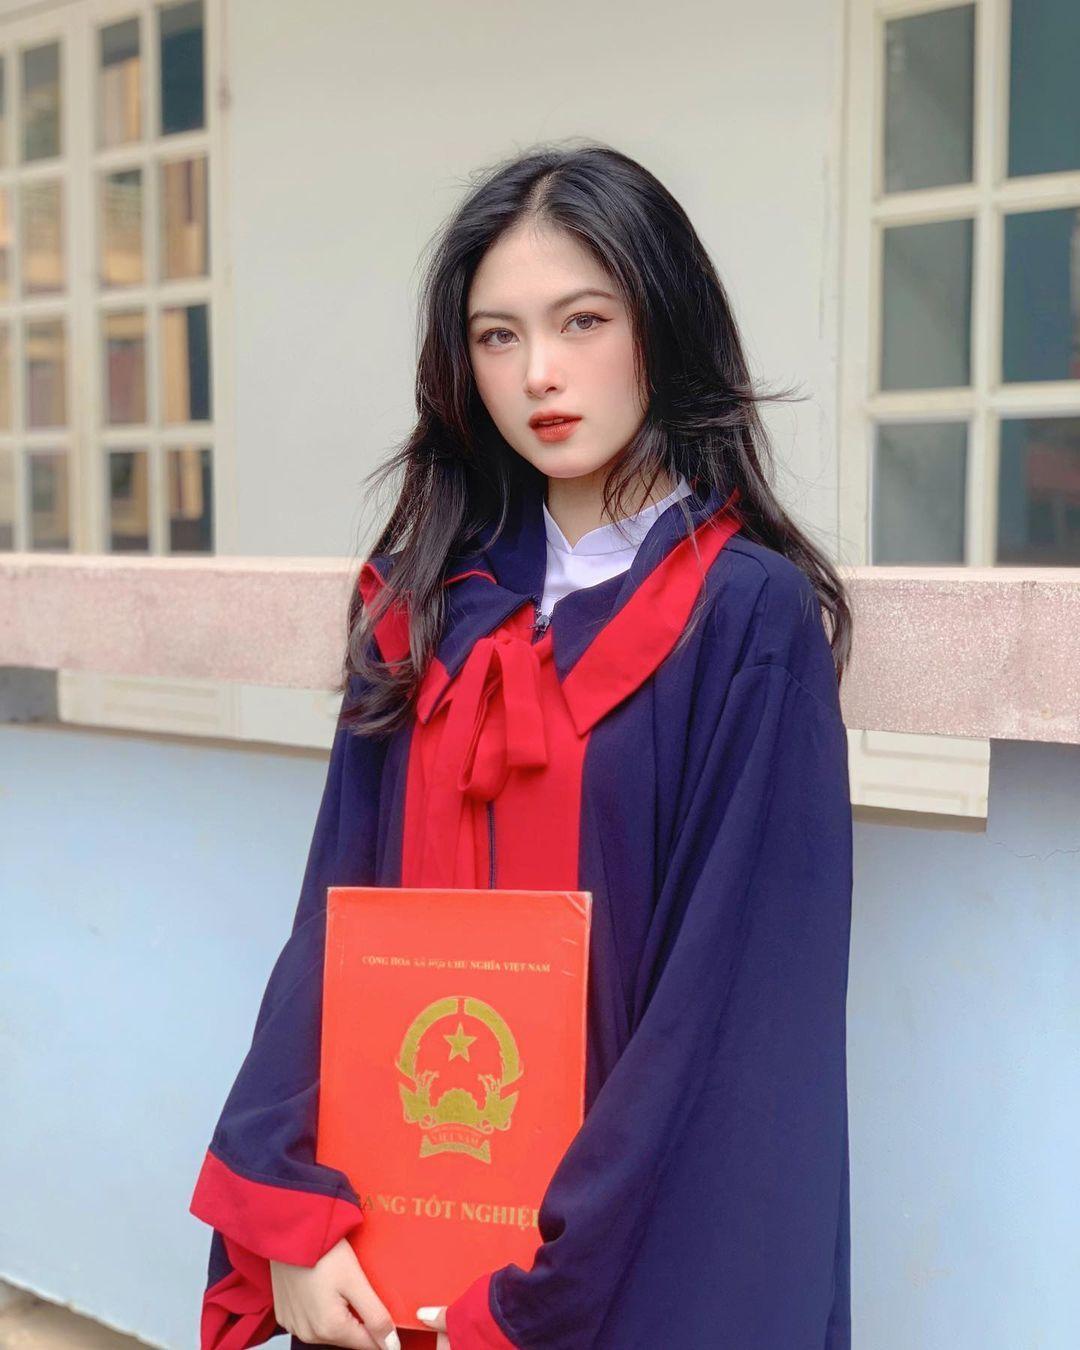 [人物]清纯越南妹子「Leely」辣穿奥黛,让人不被她掳获都不行啊. 养眼图片 第29张